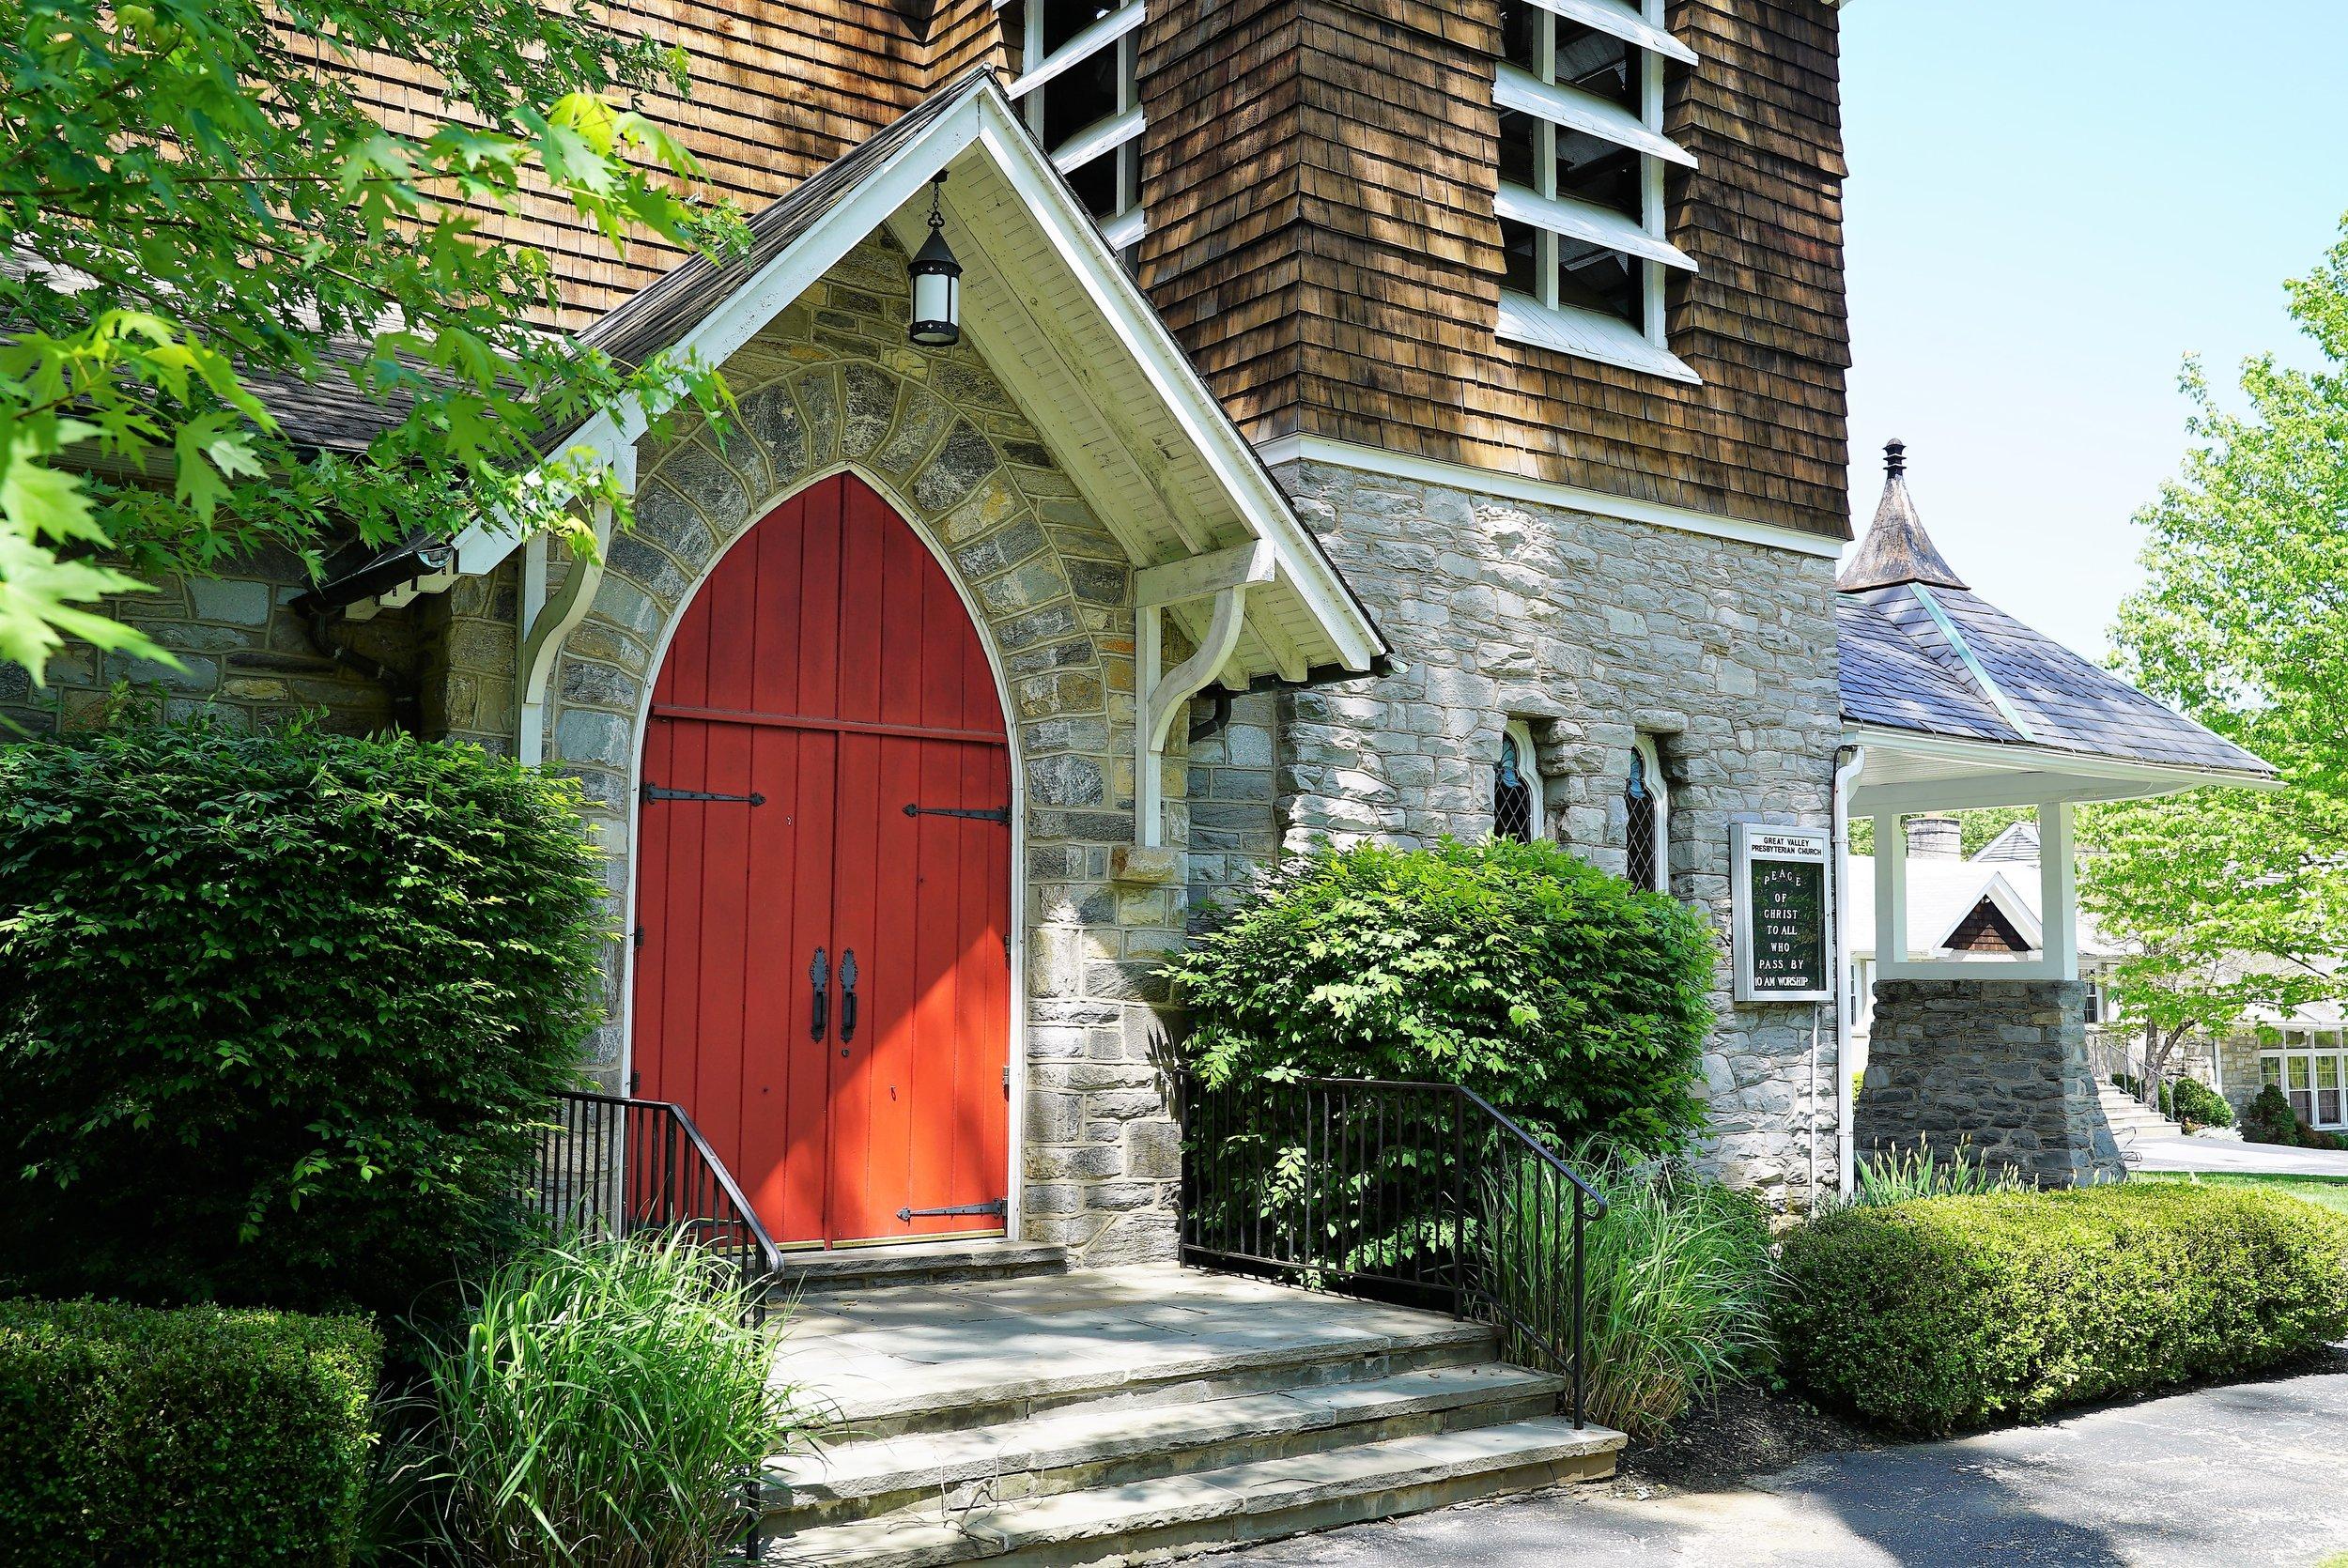 Entrance to Great Valley Presbyterian Church. Malvern, Pennsylvania.